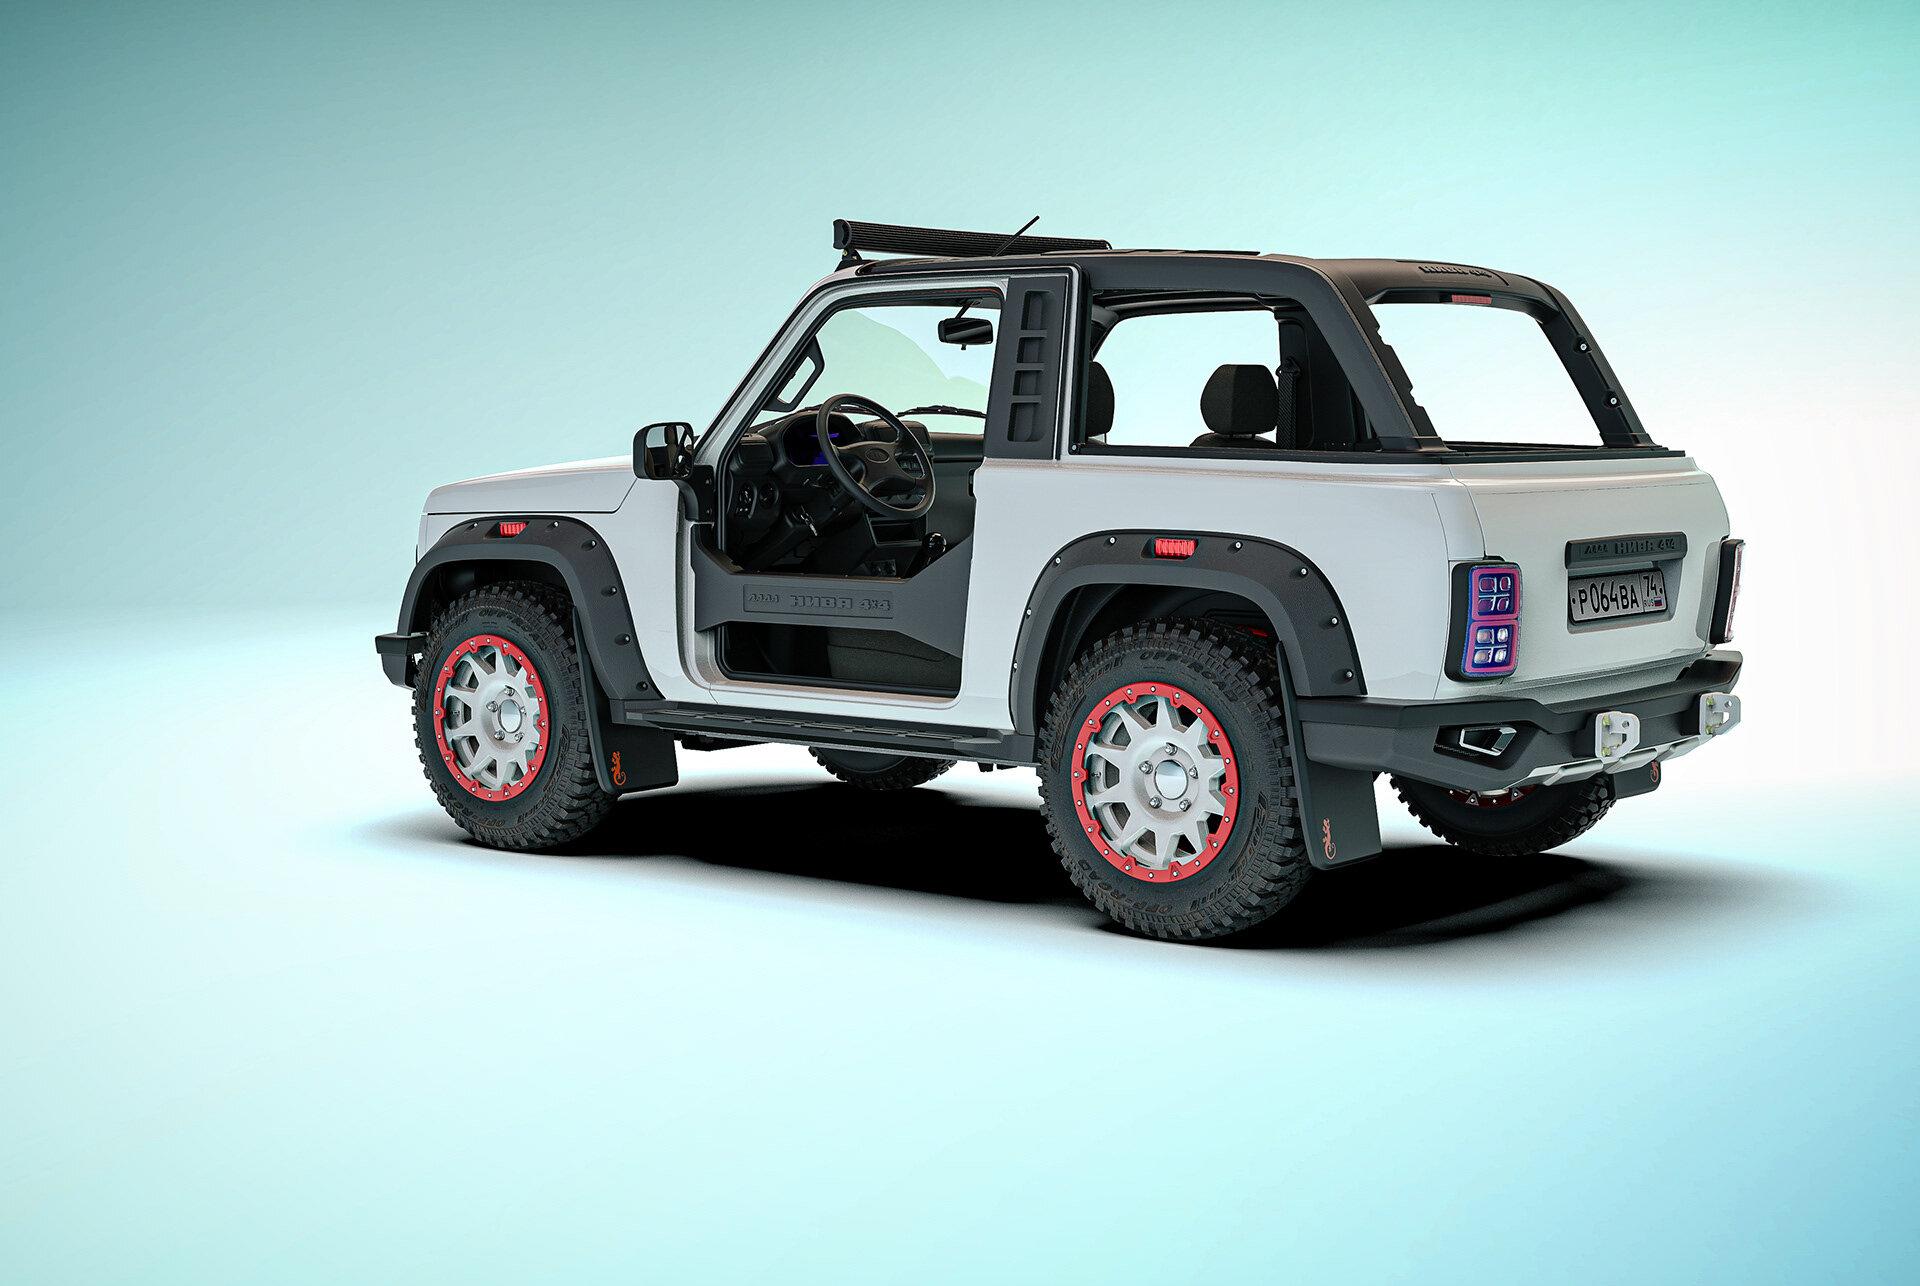 经典Niva沙滩版SUV,因缺少资金流产,成本10.3万元